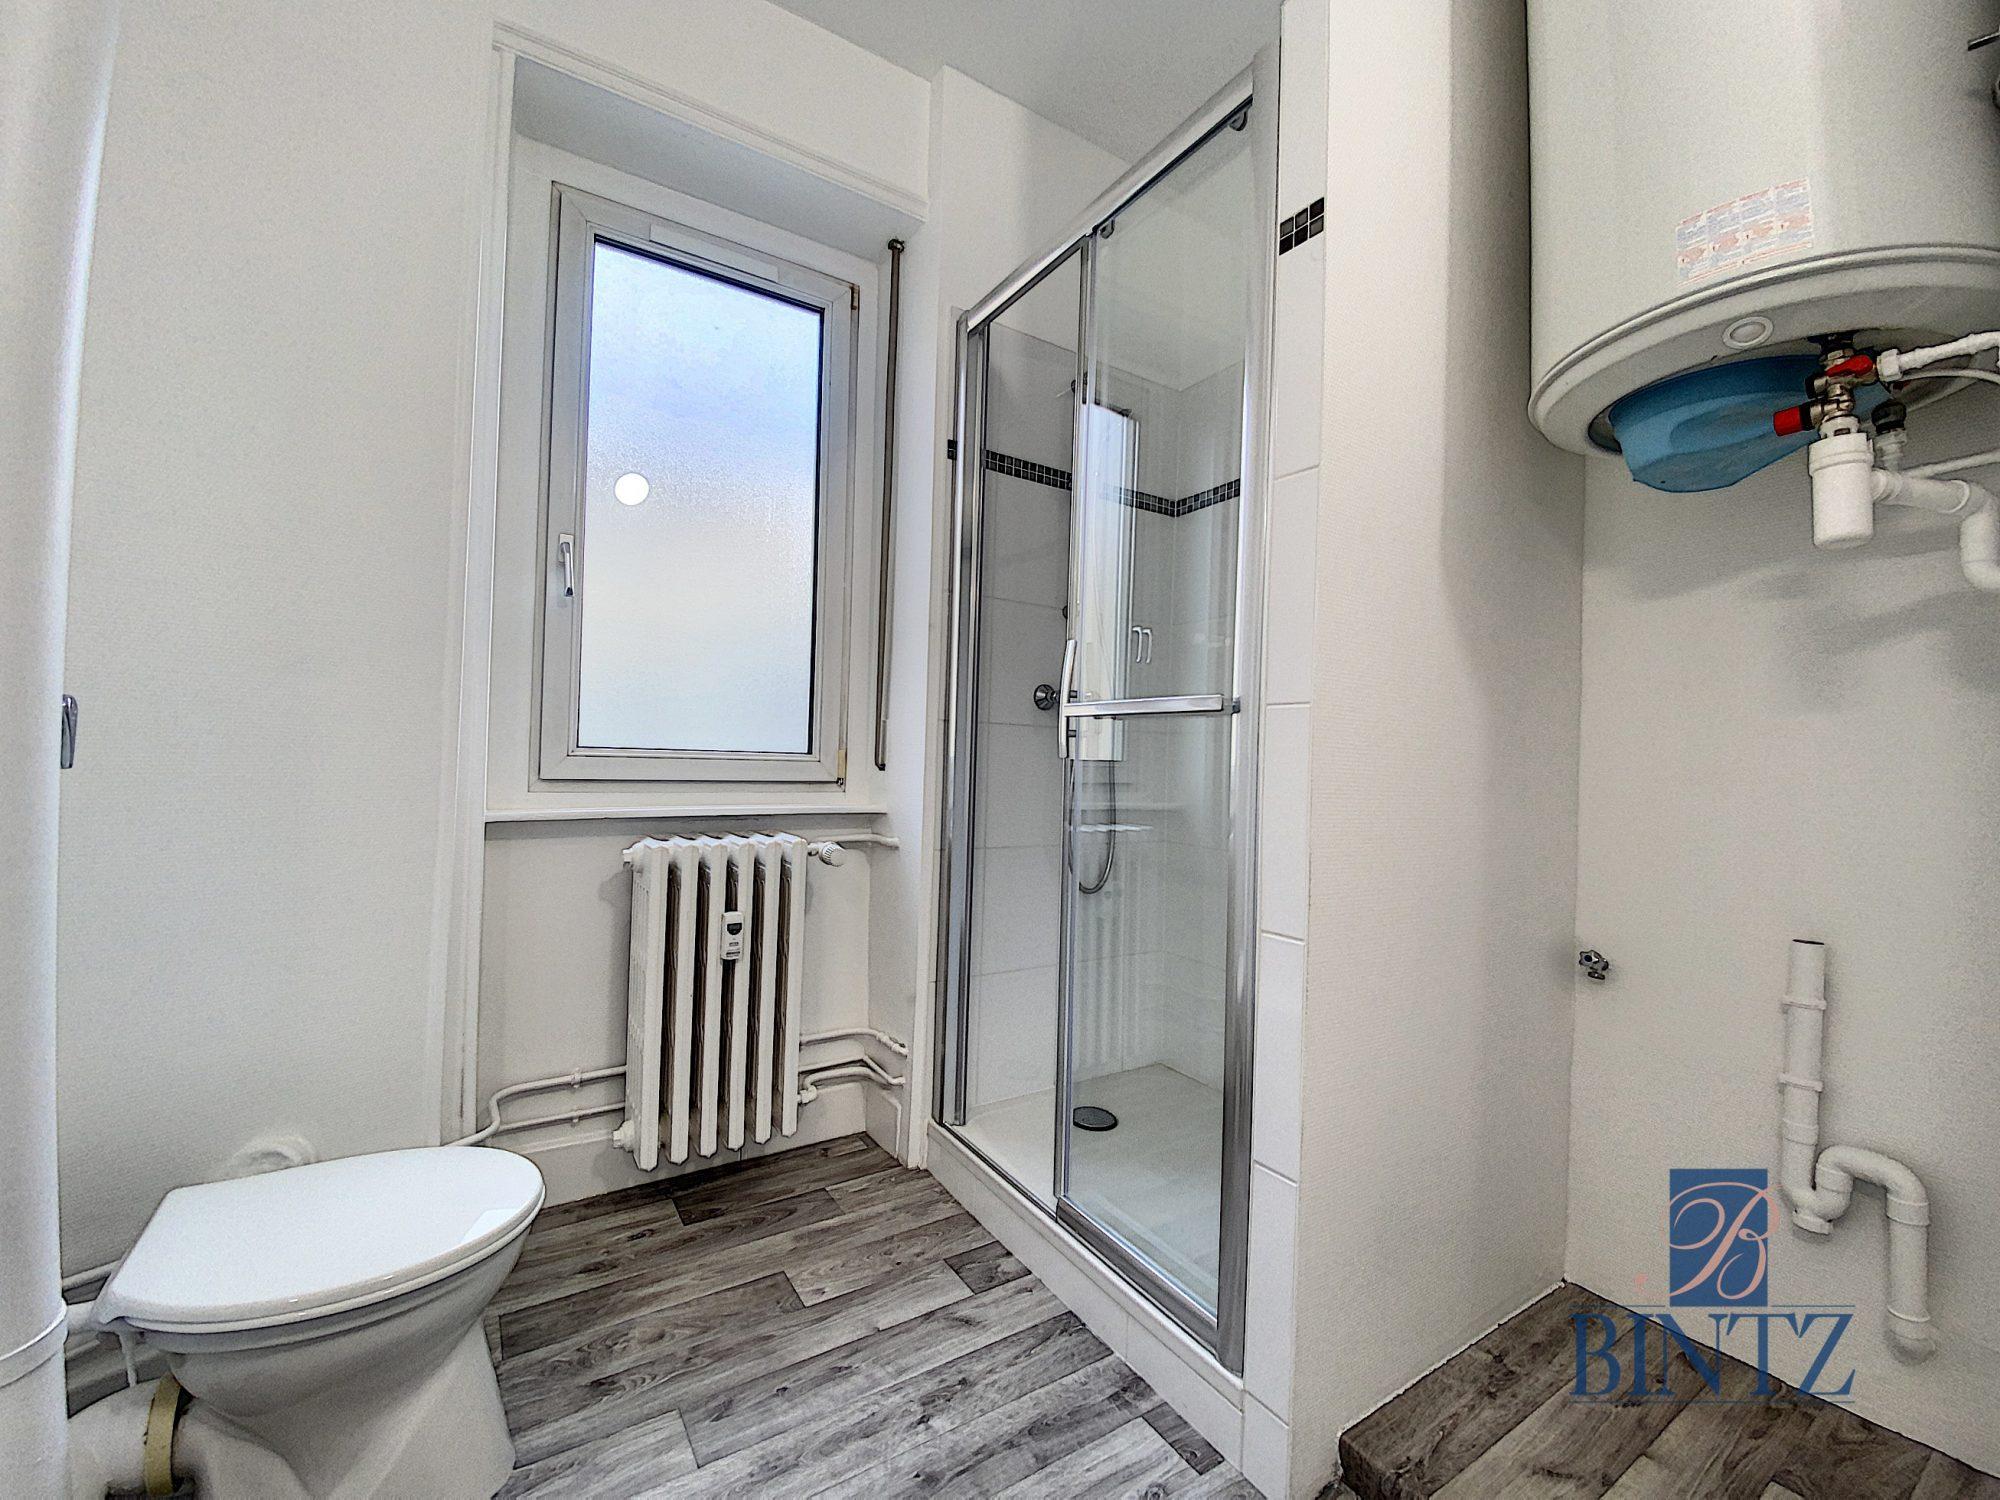 GRAND 1PIÈCE RÉNOVÉ KRUTENAU - Devenez locataire en toute sérénité - Bintz Immobilier - 7